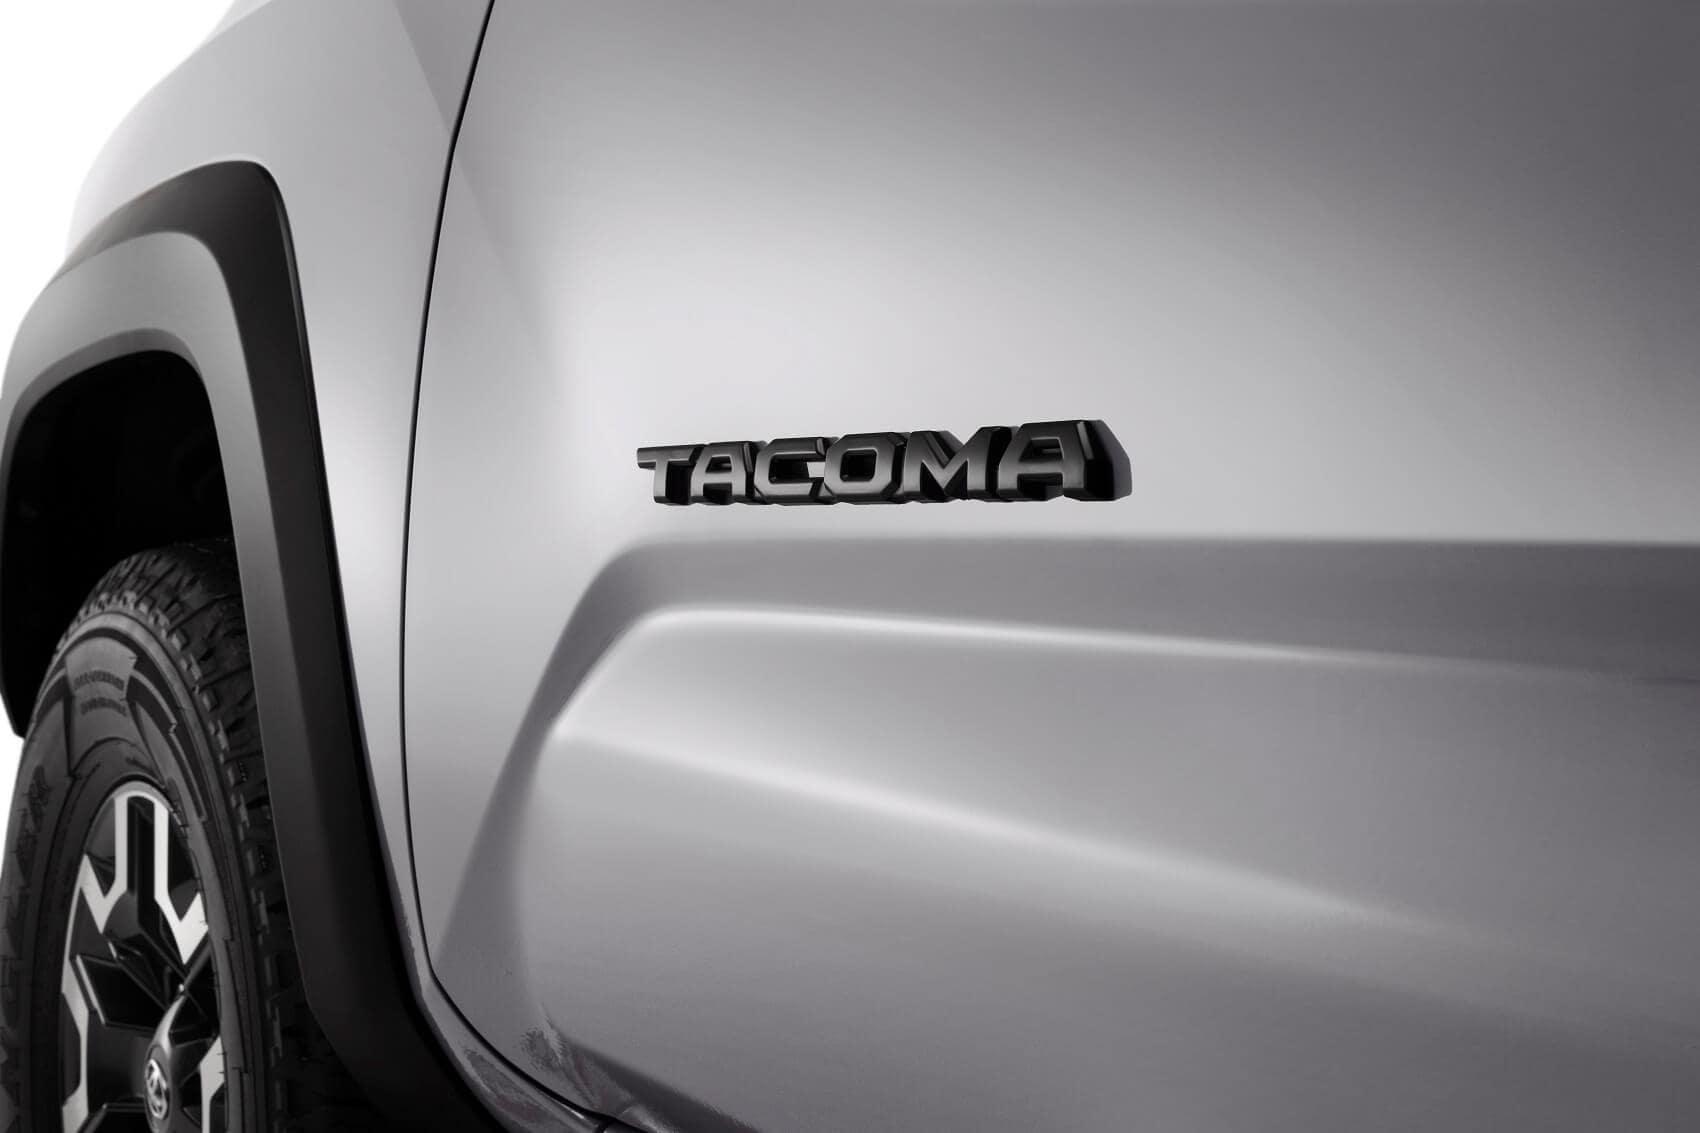 Toyota Tacoma Blackout Emblem